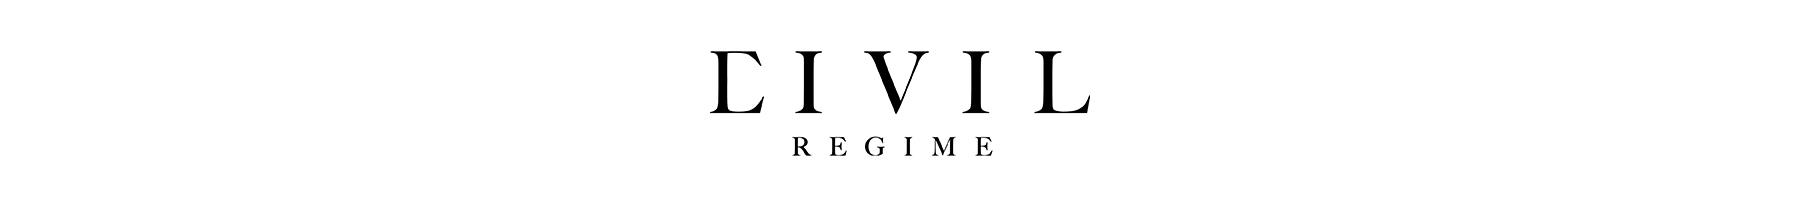 DrJays.com - Civil